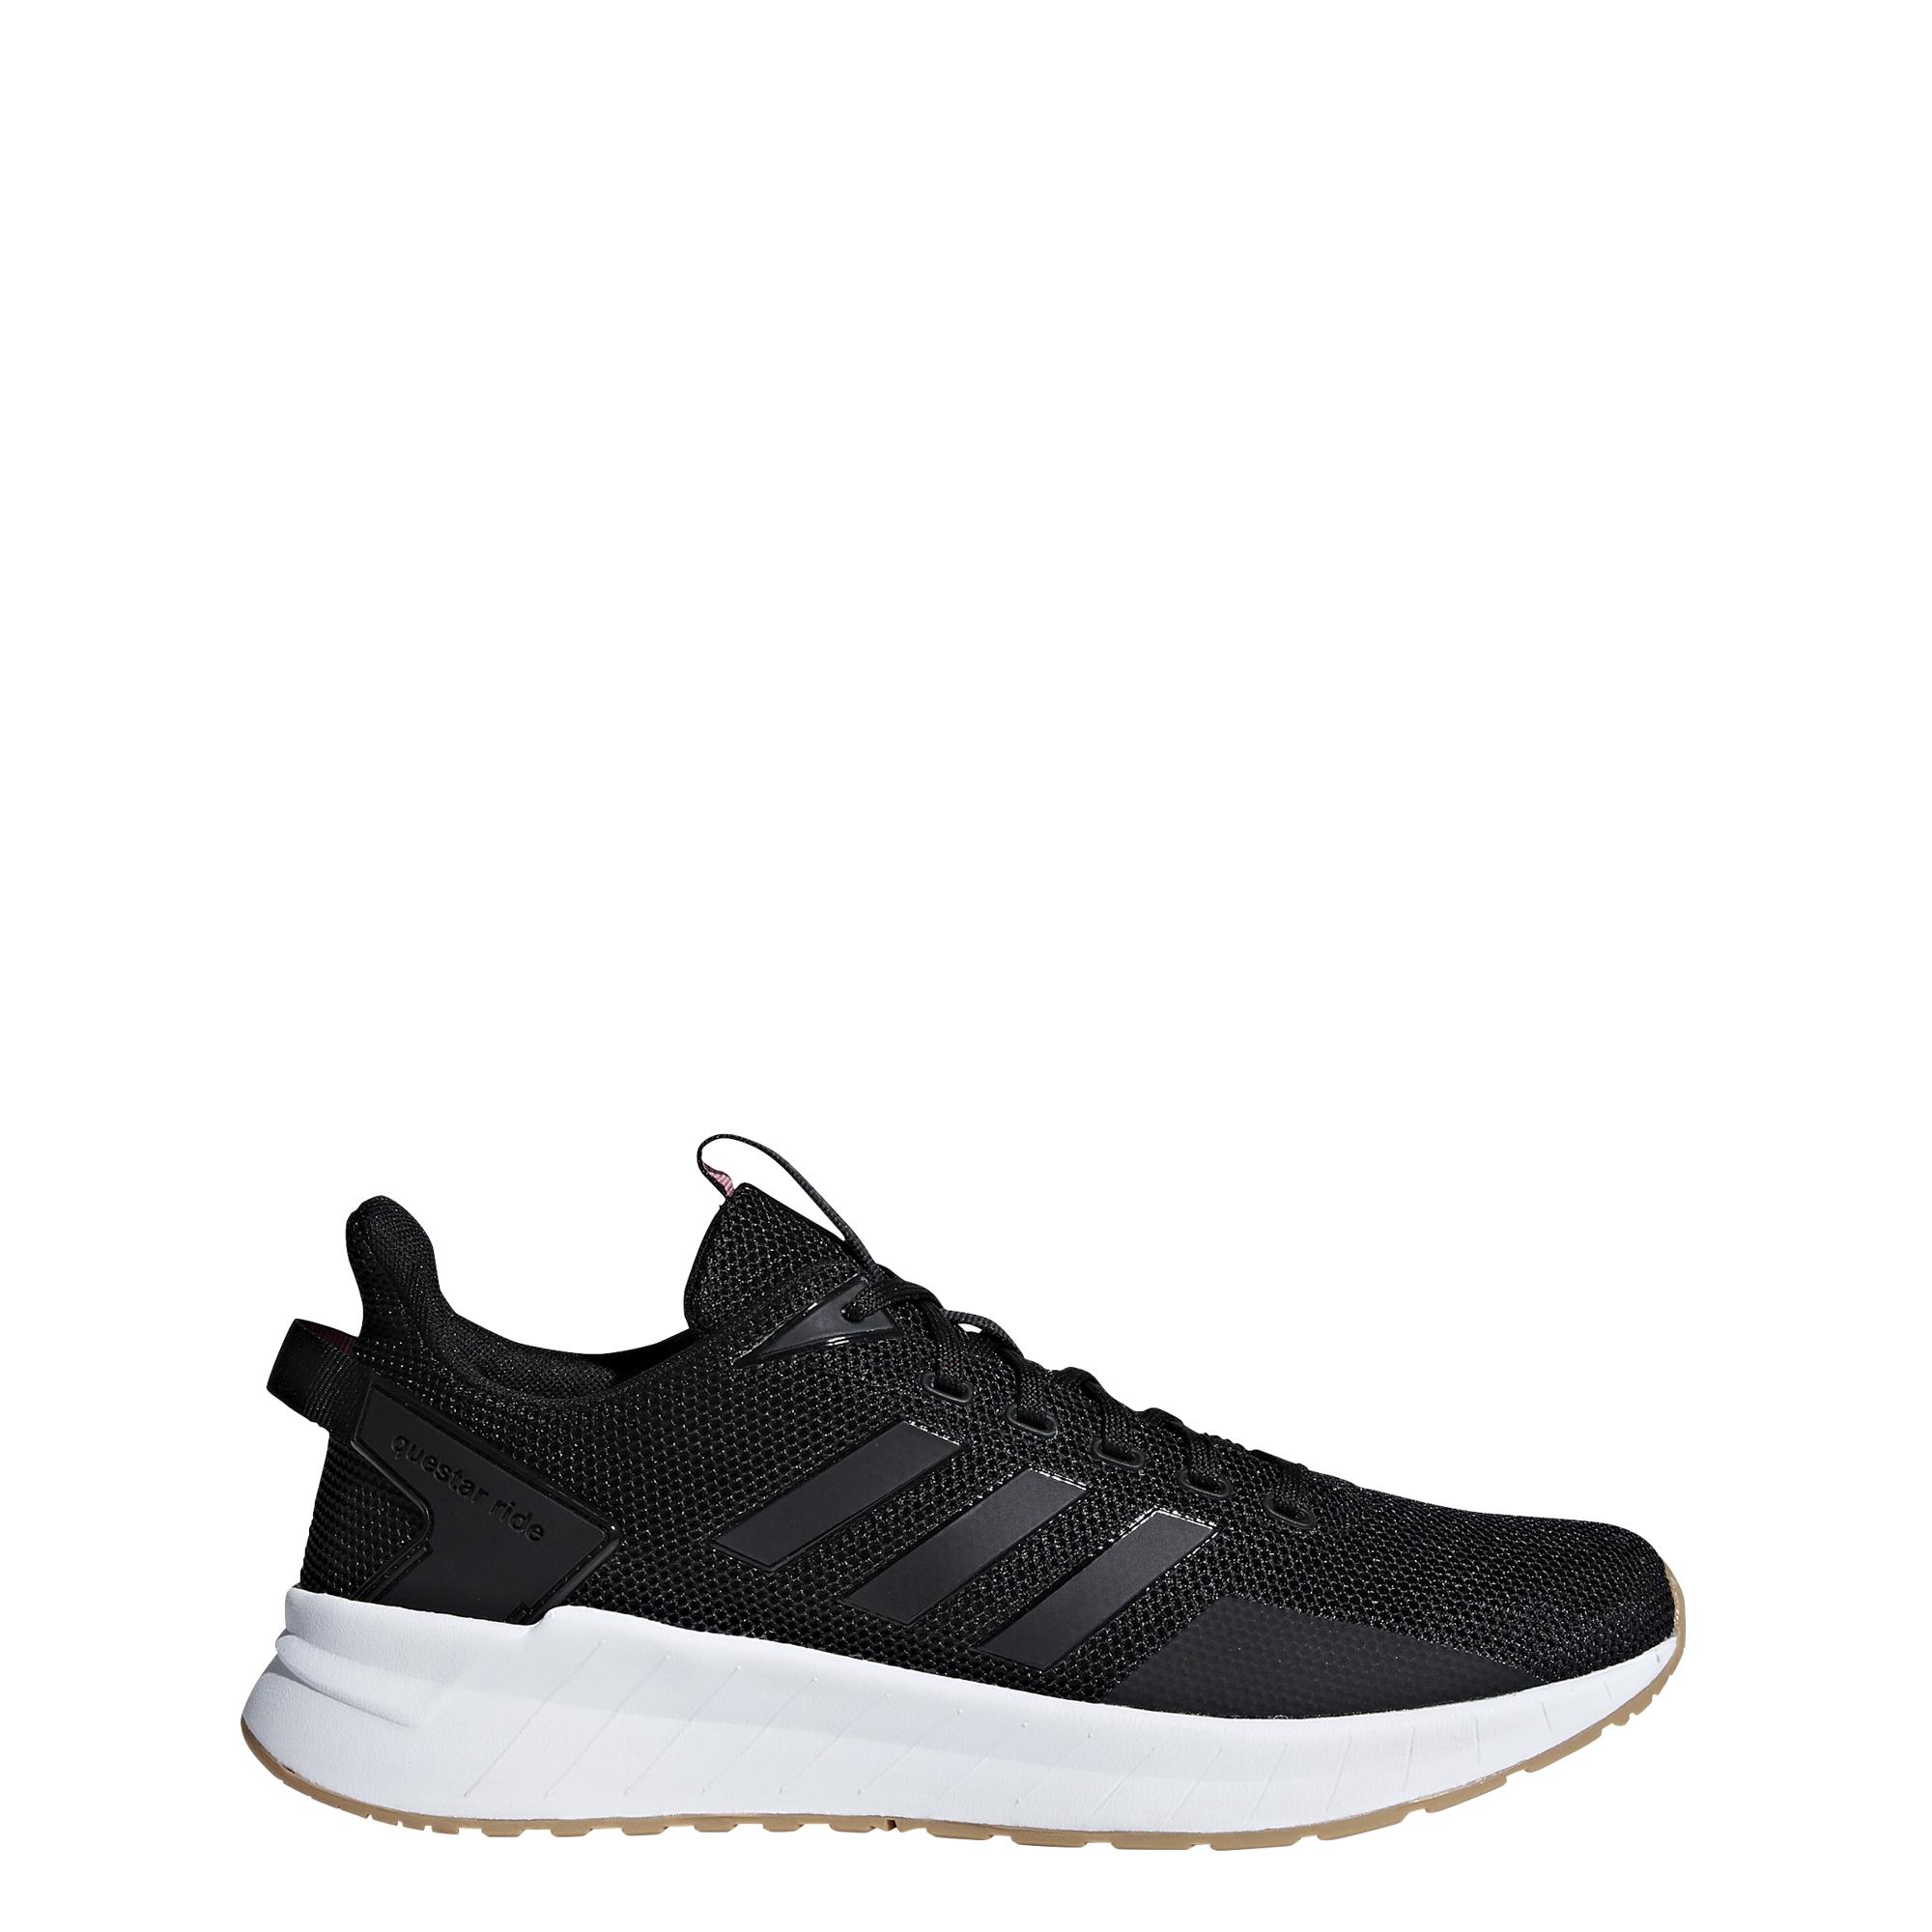 prix adidas questar chaussures femme running baskets